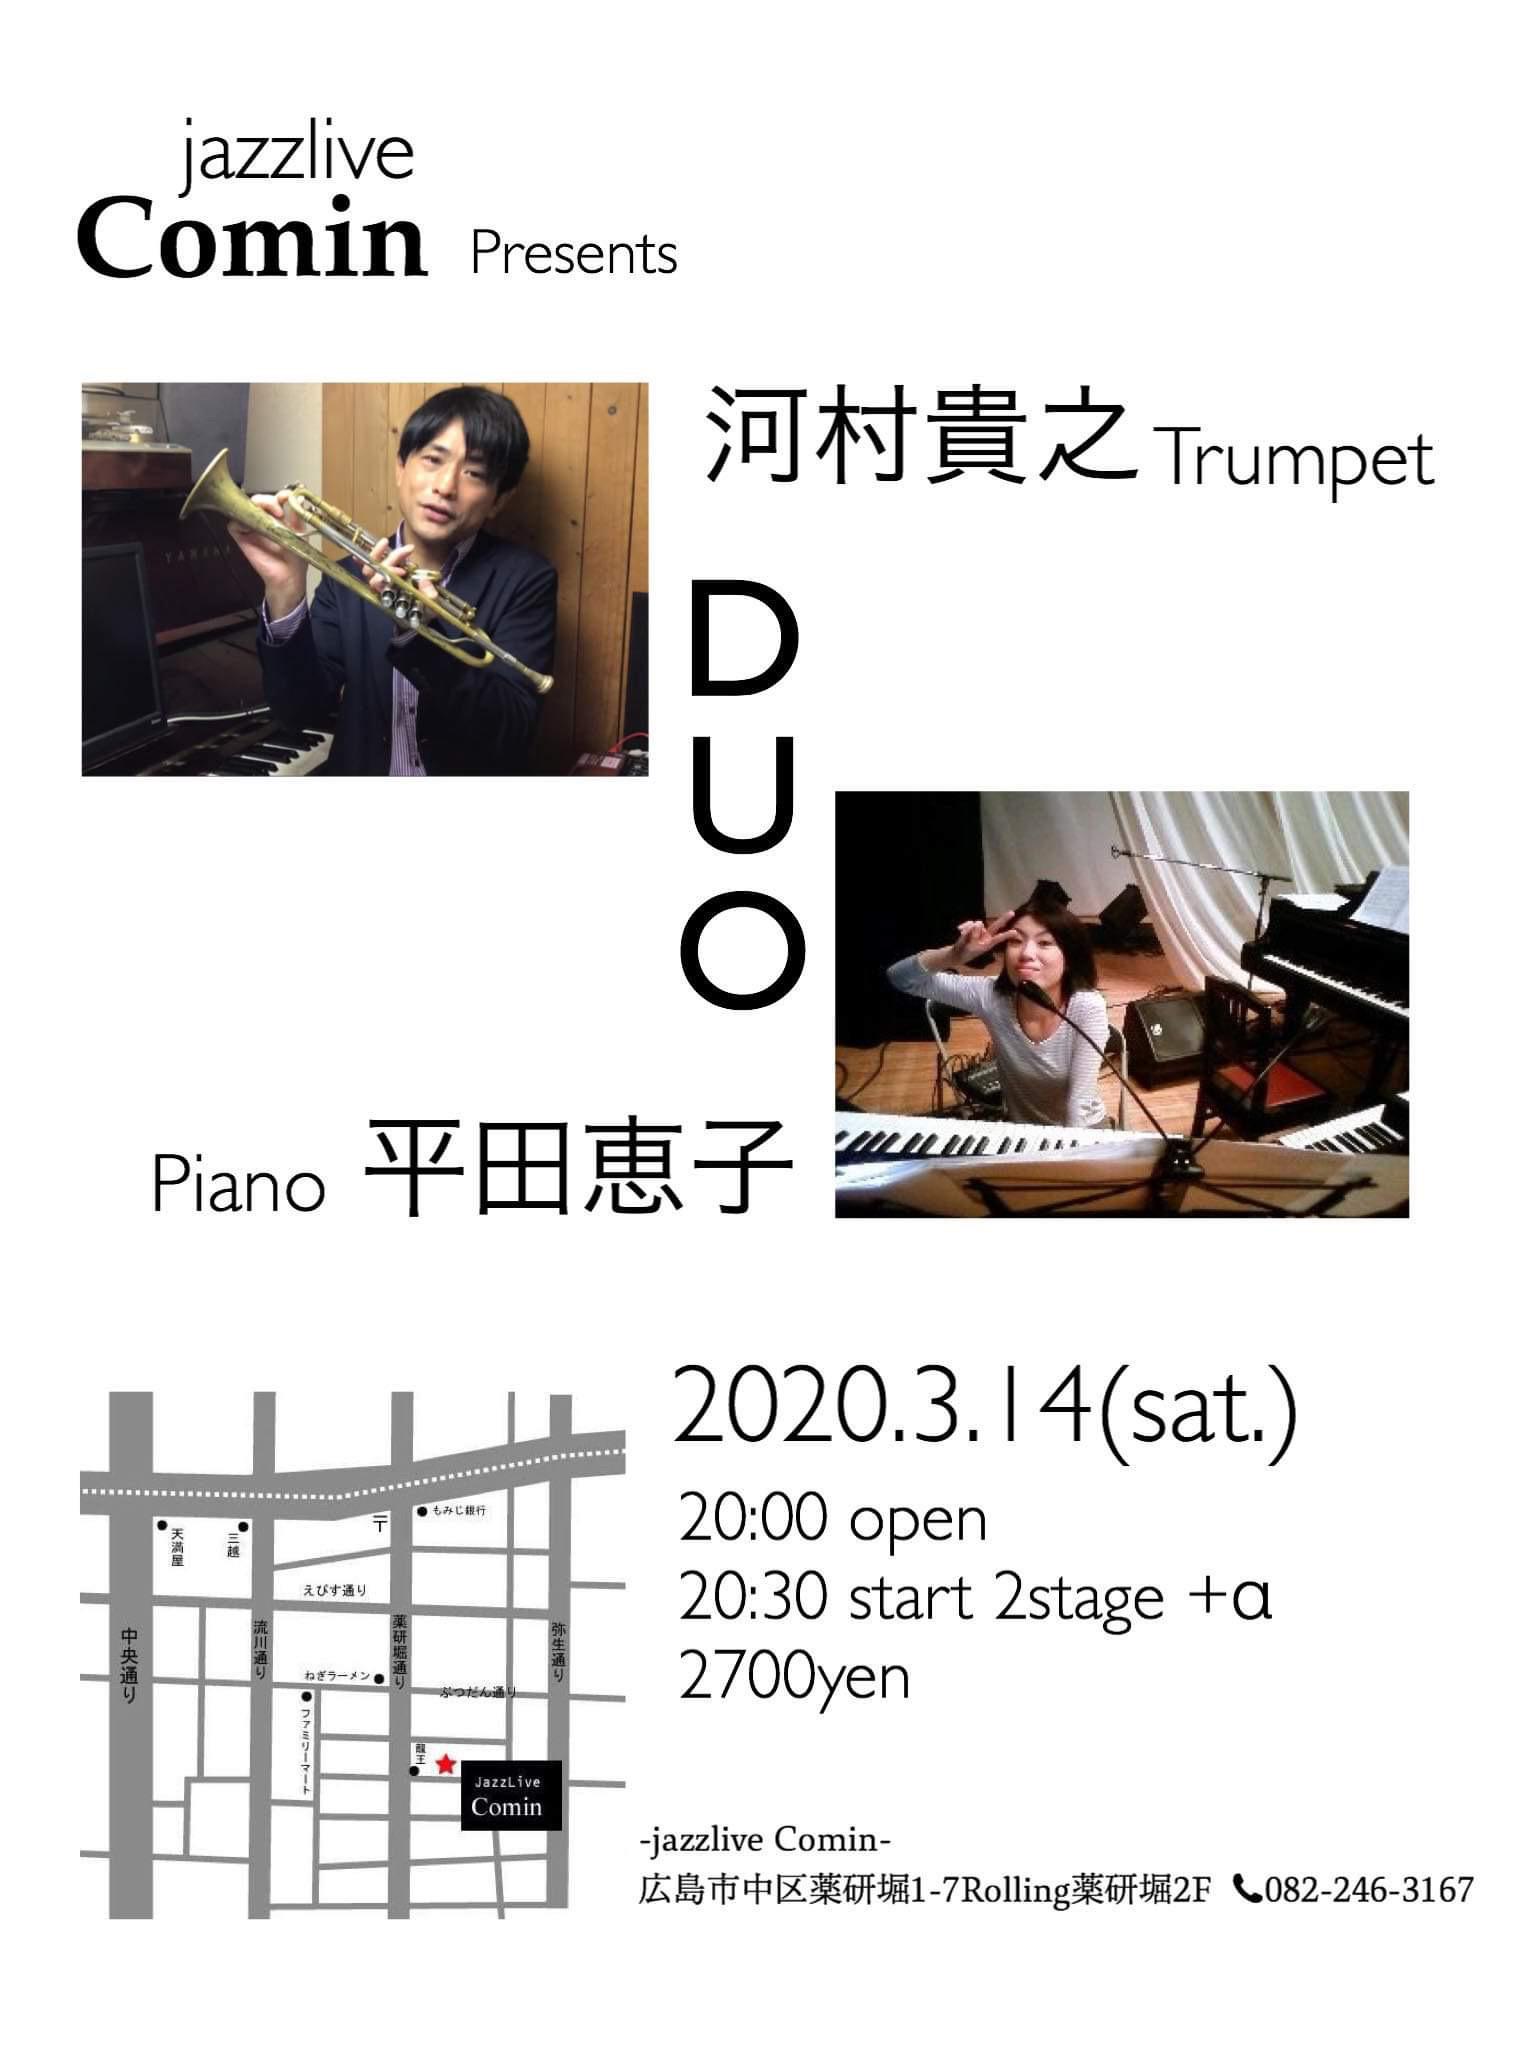 広島 ジャズライブカミン  Jazzlive Comin 本日3月14 日土曜日のジャズライブ_b0115606_11504270.jpeg